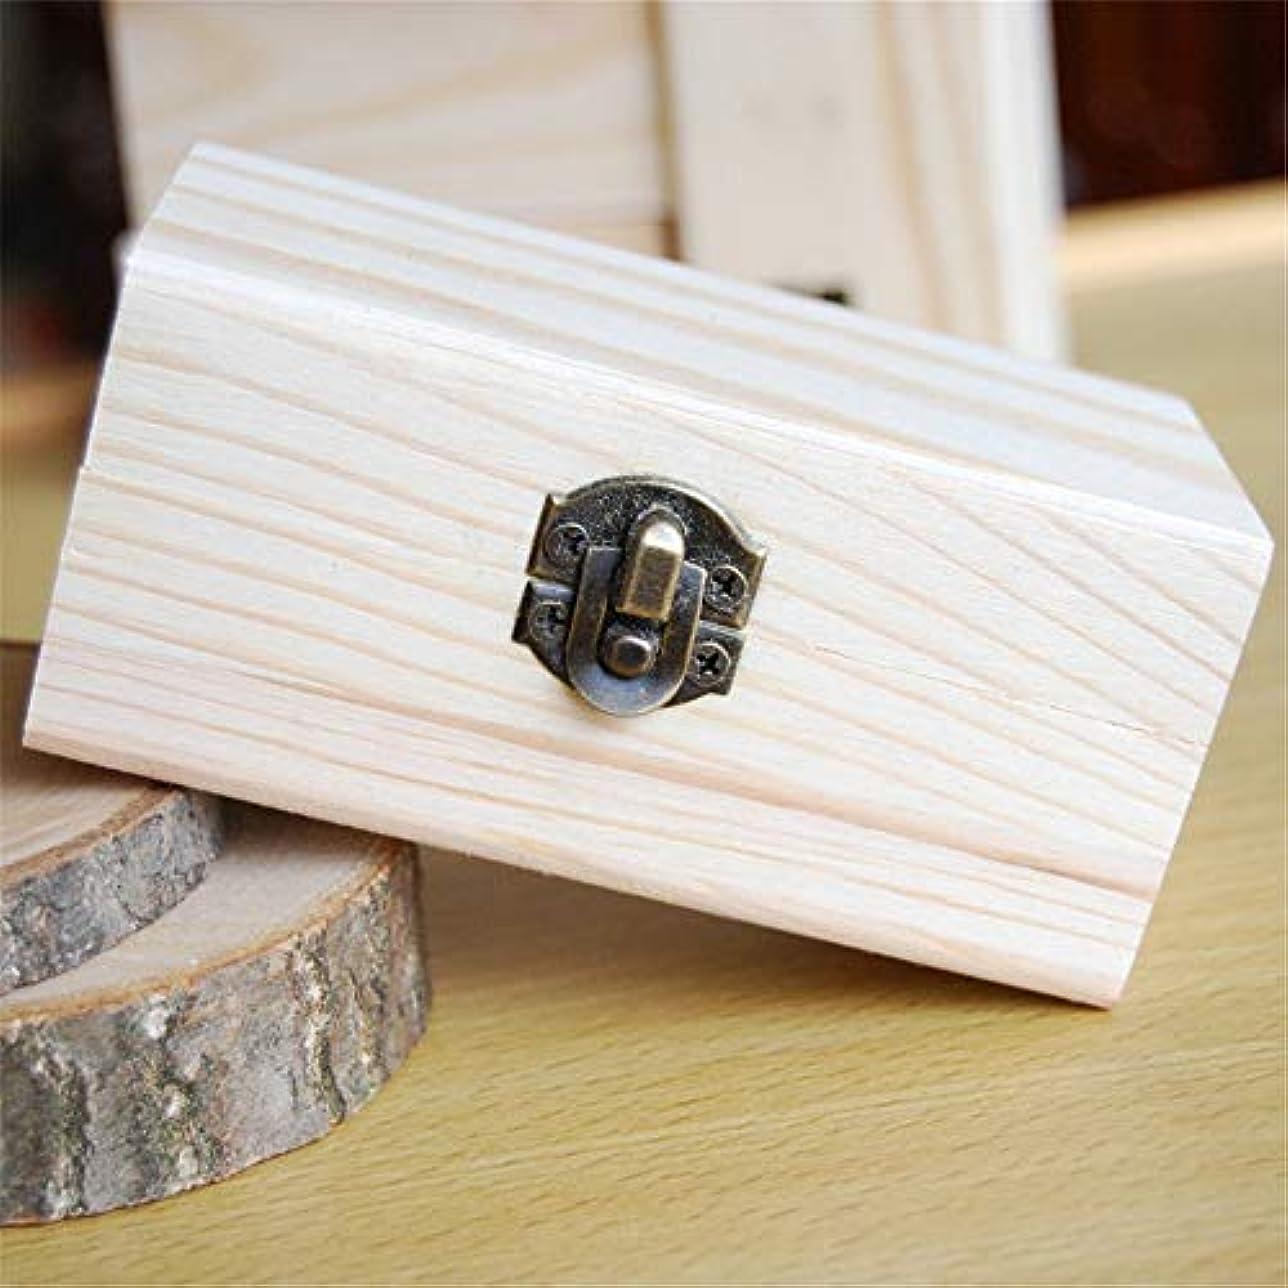 乞食ウガンダ比類なき安全に油を維持するための品質の木製エッセンシャルオイルストレージボックスベスト アロマセラピー製品 (色 : Natural, サイズ : 10X6X5CM)